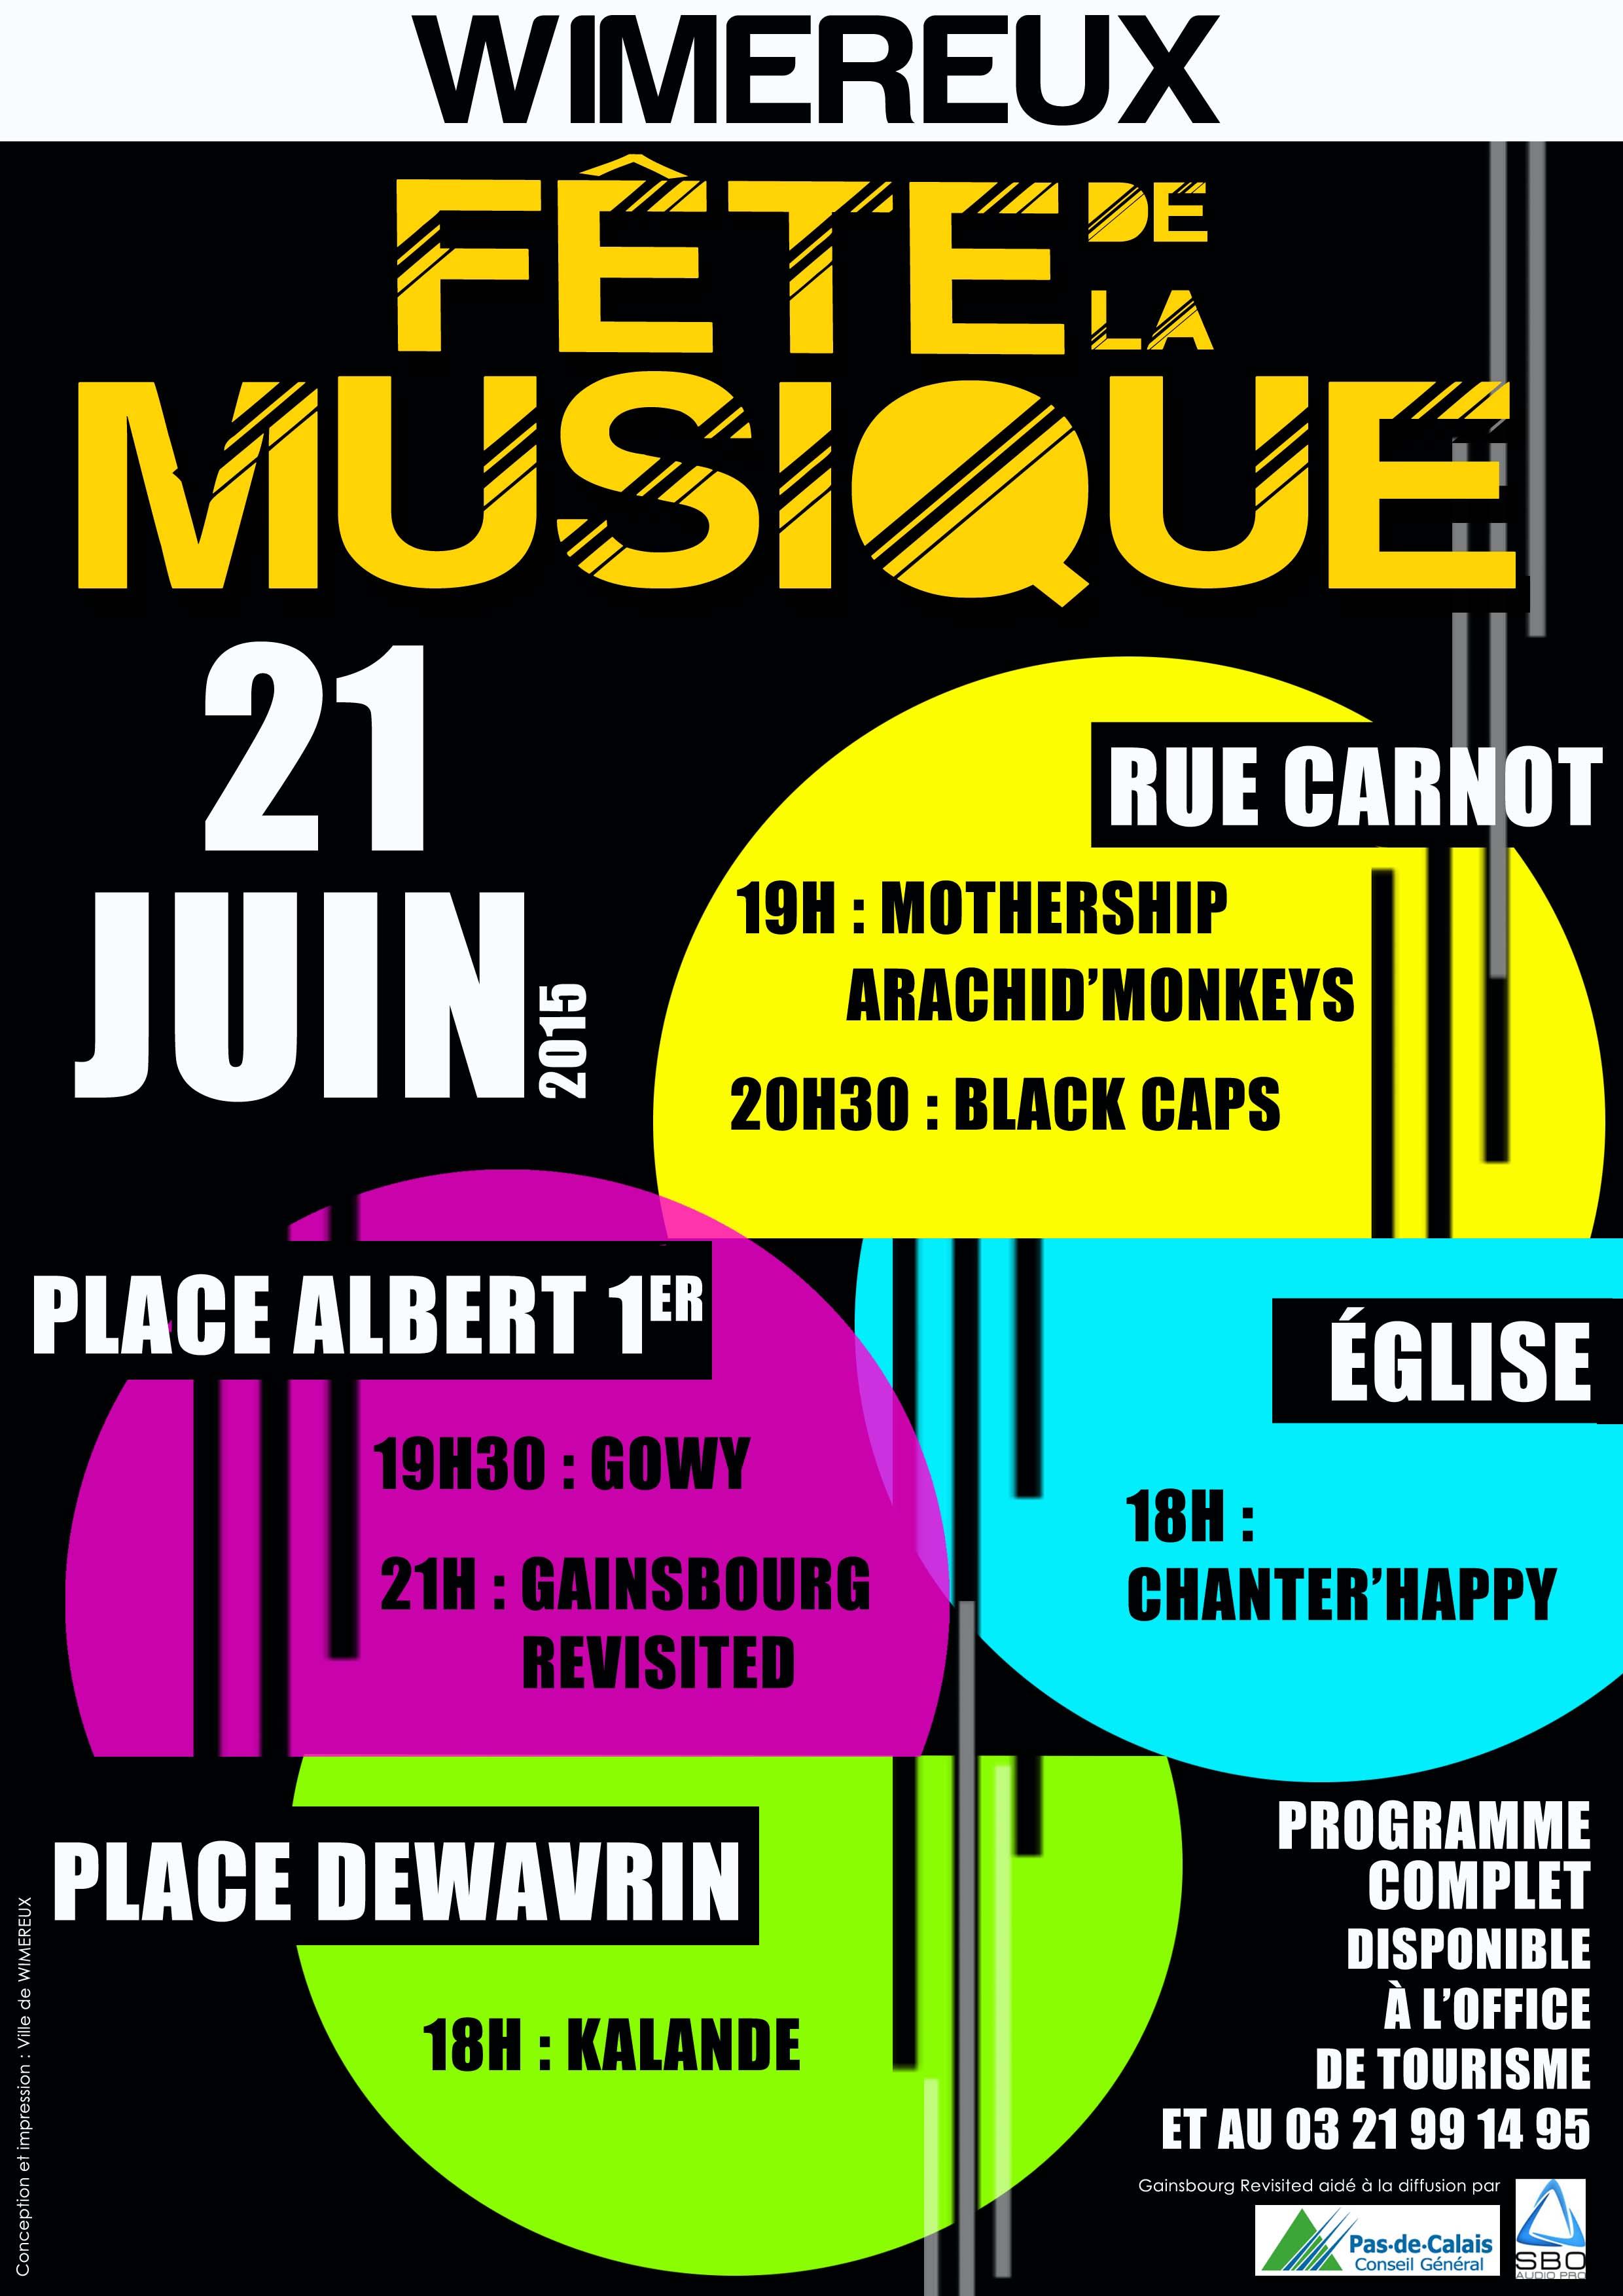 F te de la musique wimereux - Office de tourisme de wimereux ...